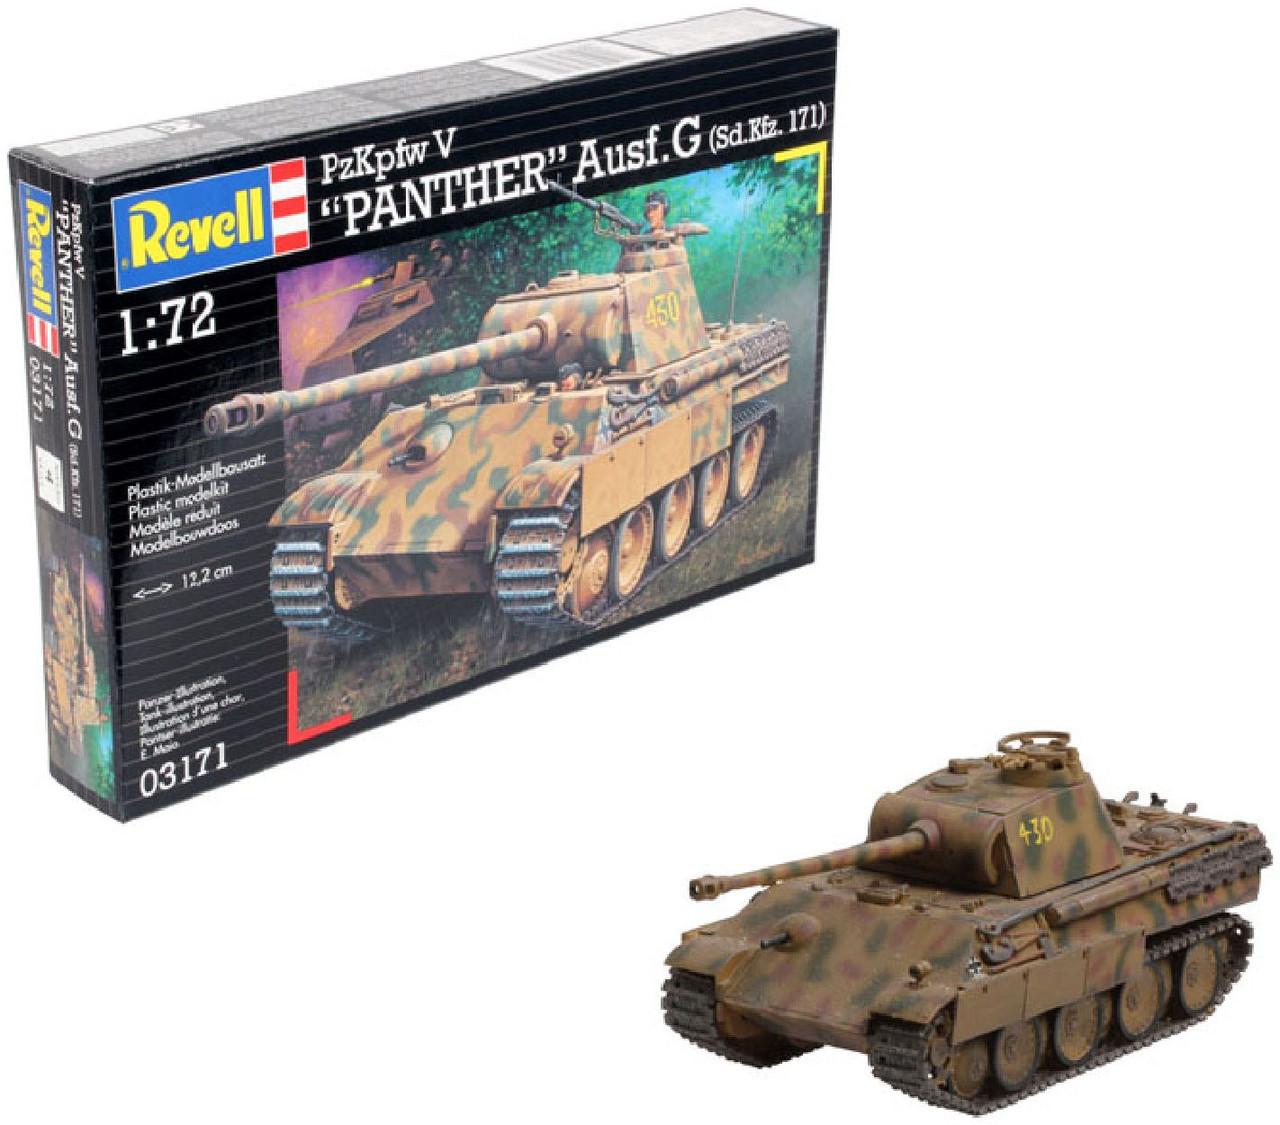 Збірна модель-копія Revell Пантера Танк рівень 4 масштаб 1:72 (RVL-03171)